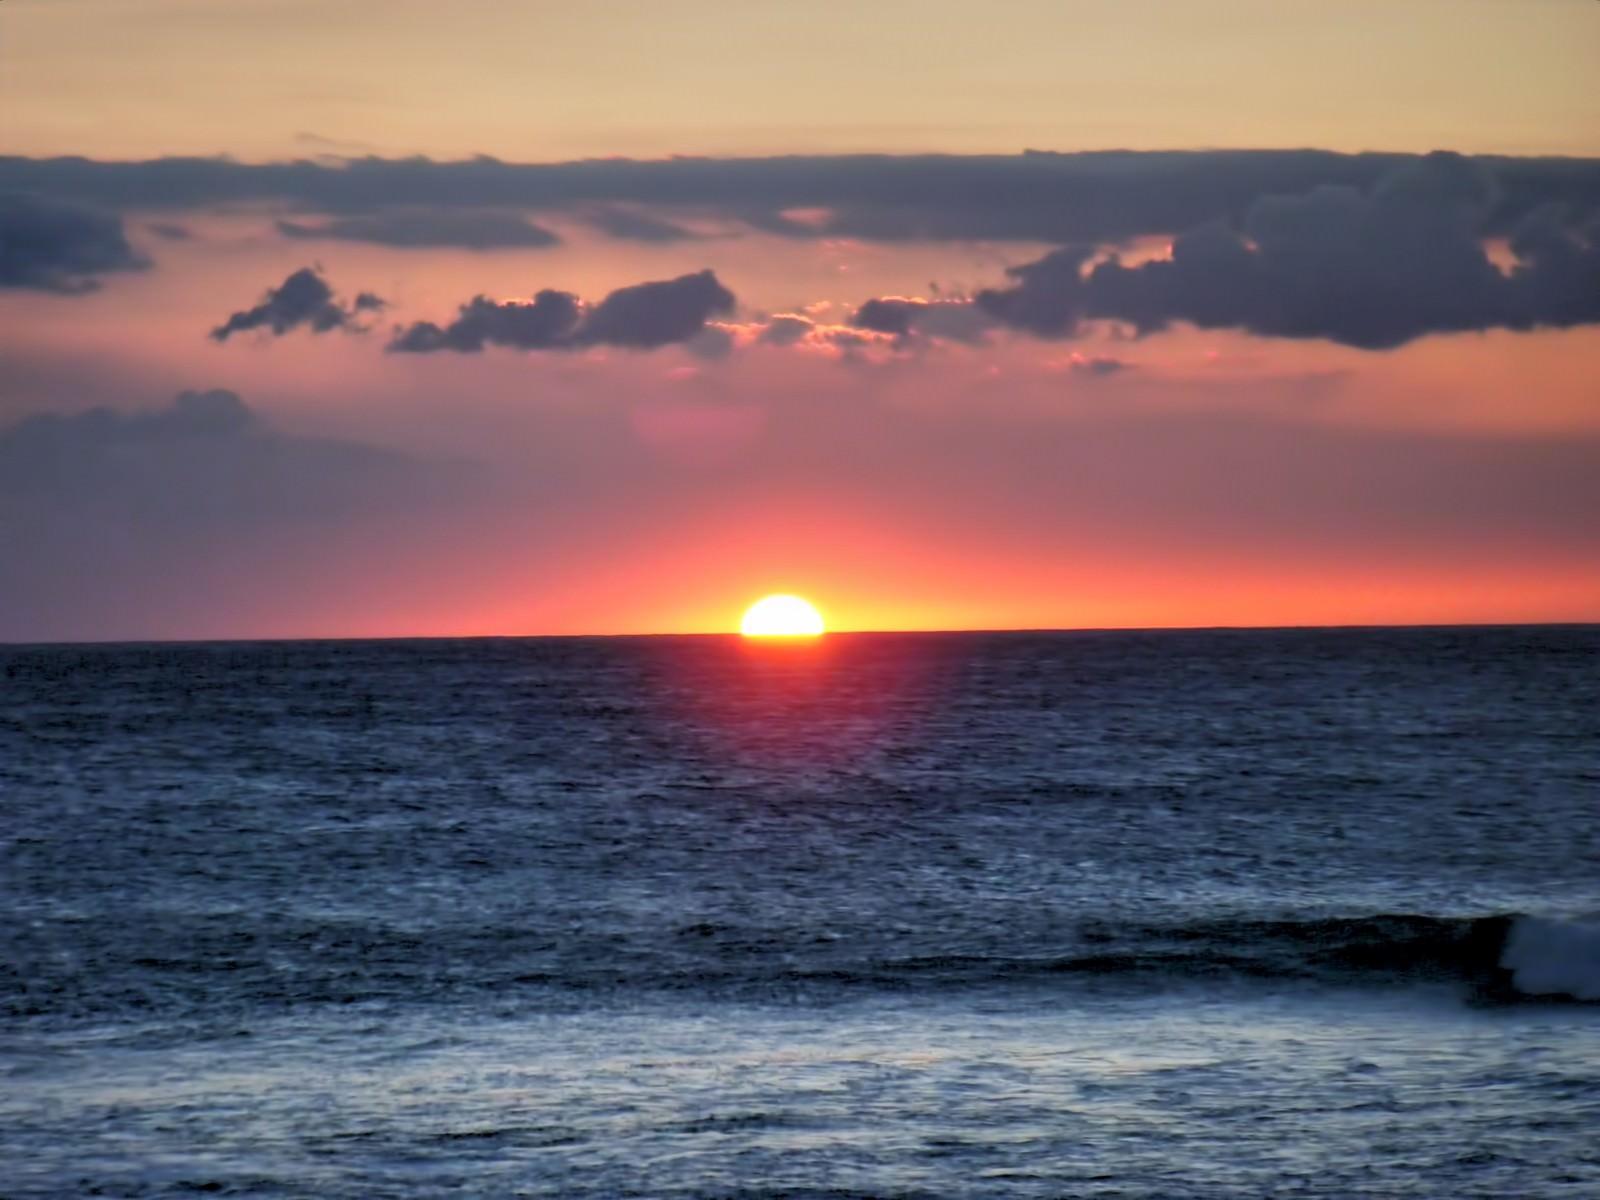 「ハワイ島サンセットハワイ島サンセット」のフリー写真素材を拡大